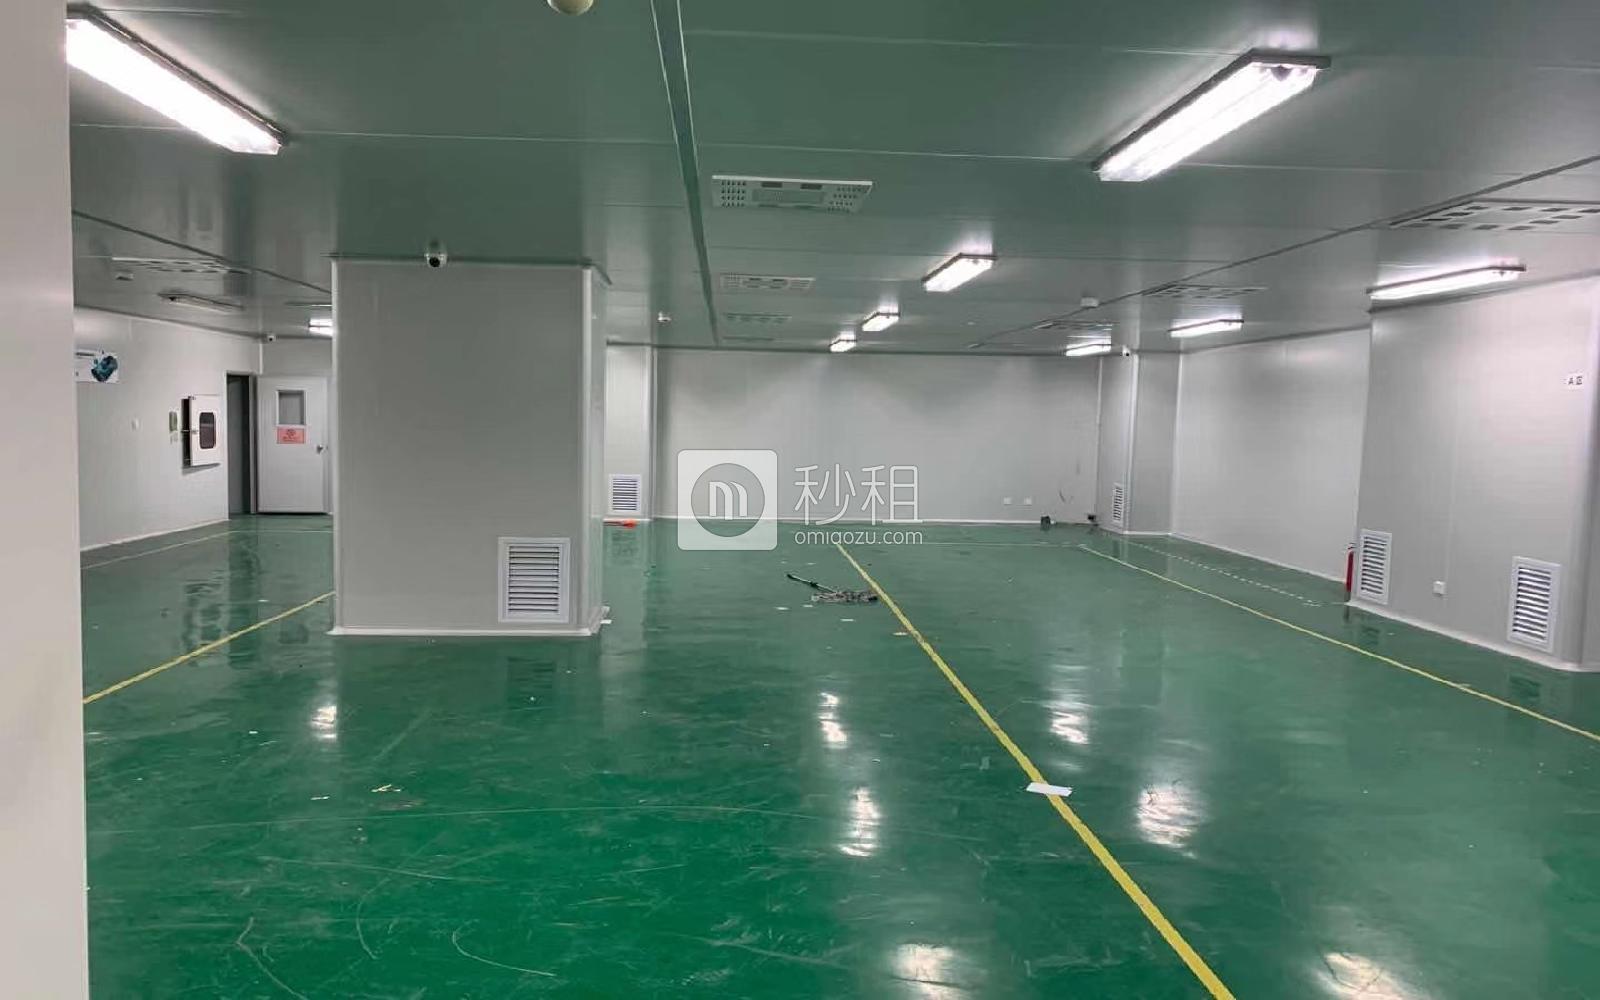 南山-科技园 51大厦 400m²